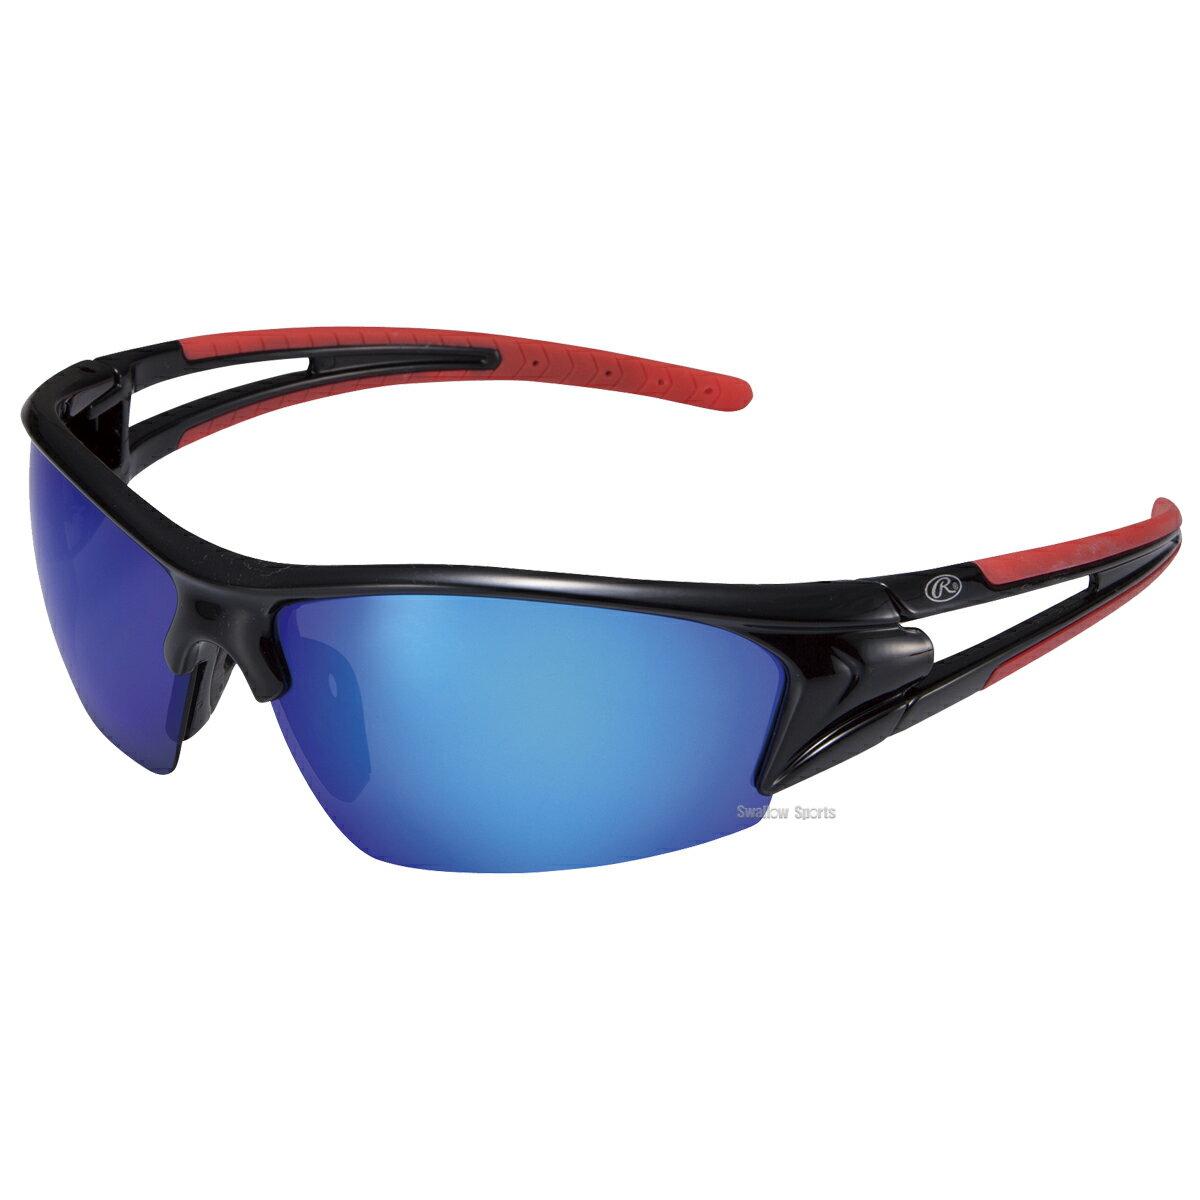 【あす楽対応】 ローリングス 野球 サングラス アクセサリー 偏光レンズ S18S2BL アイウェア スポカジ ファッション 野球用品 スワロースポーツ